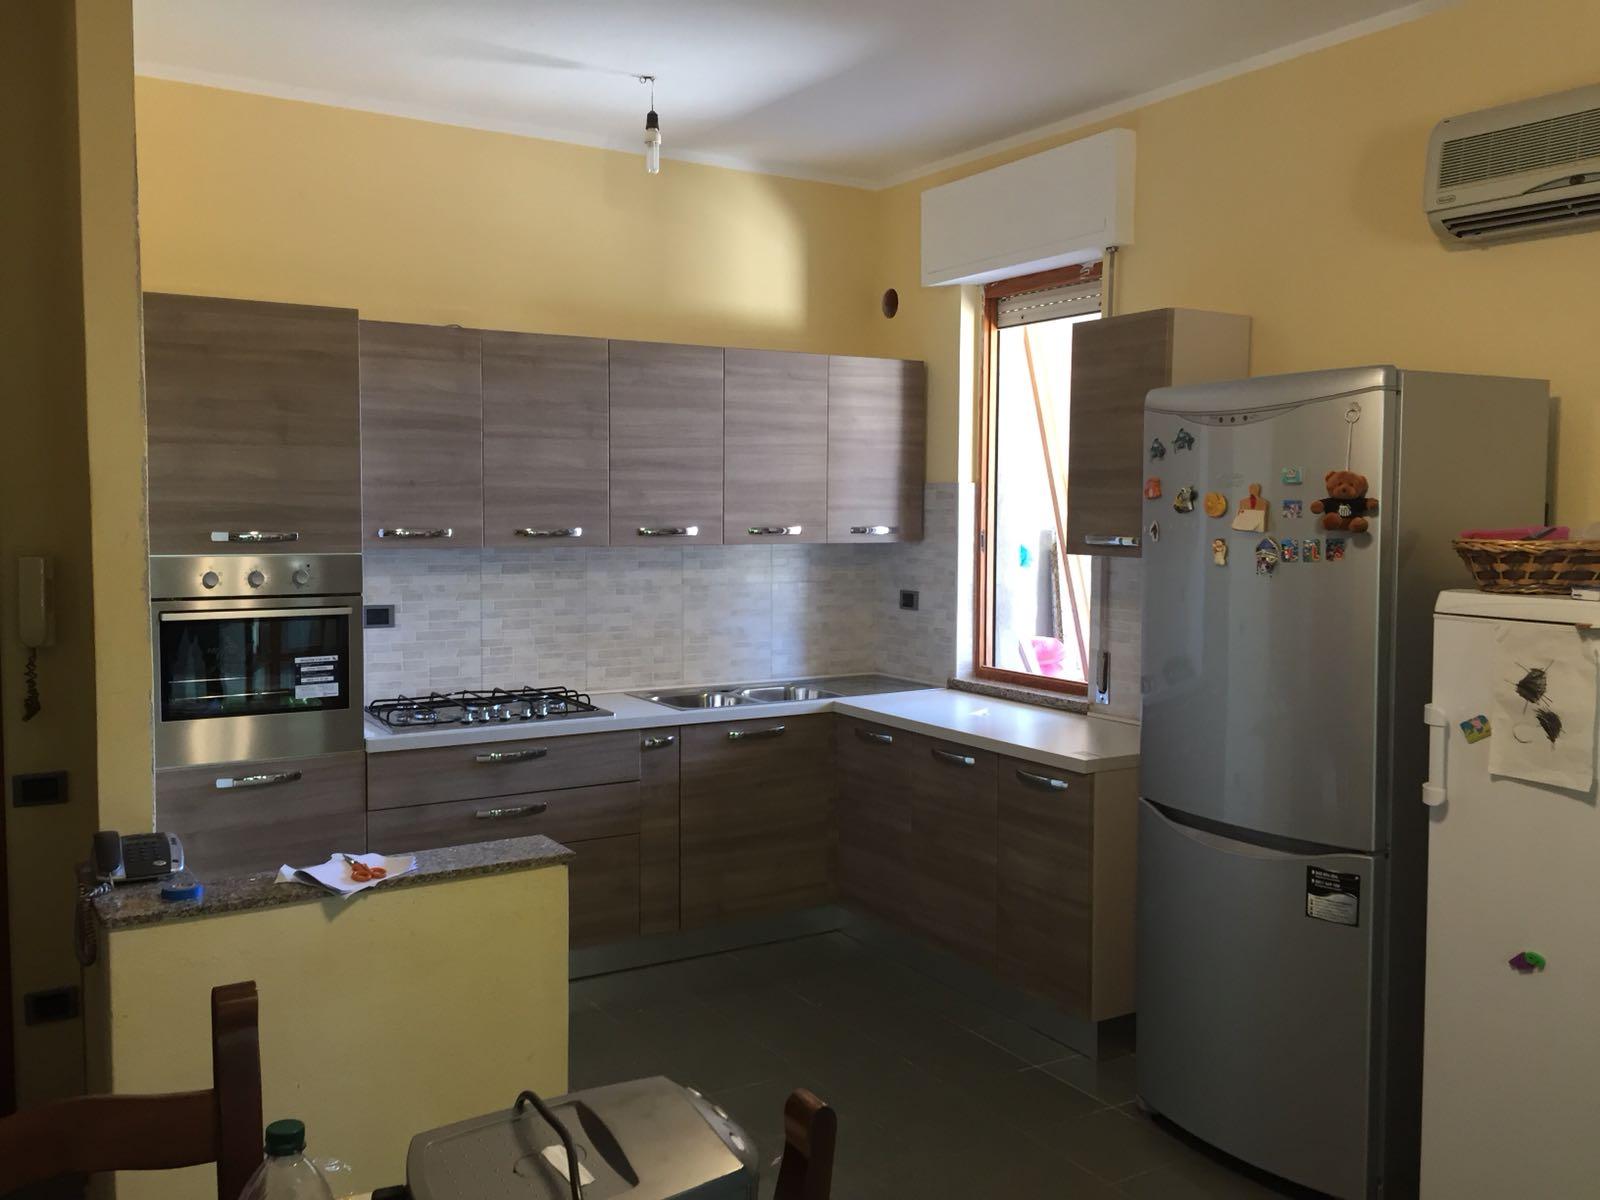 Cucine Cagliari Arredi 2000 0725 WA0014